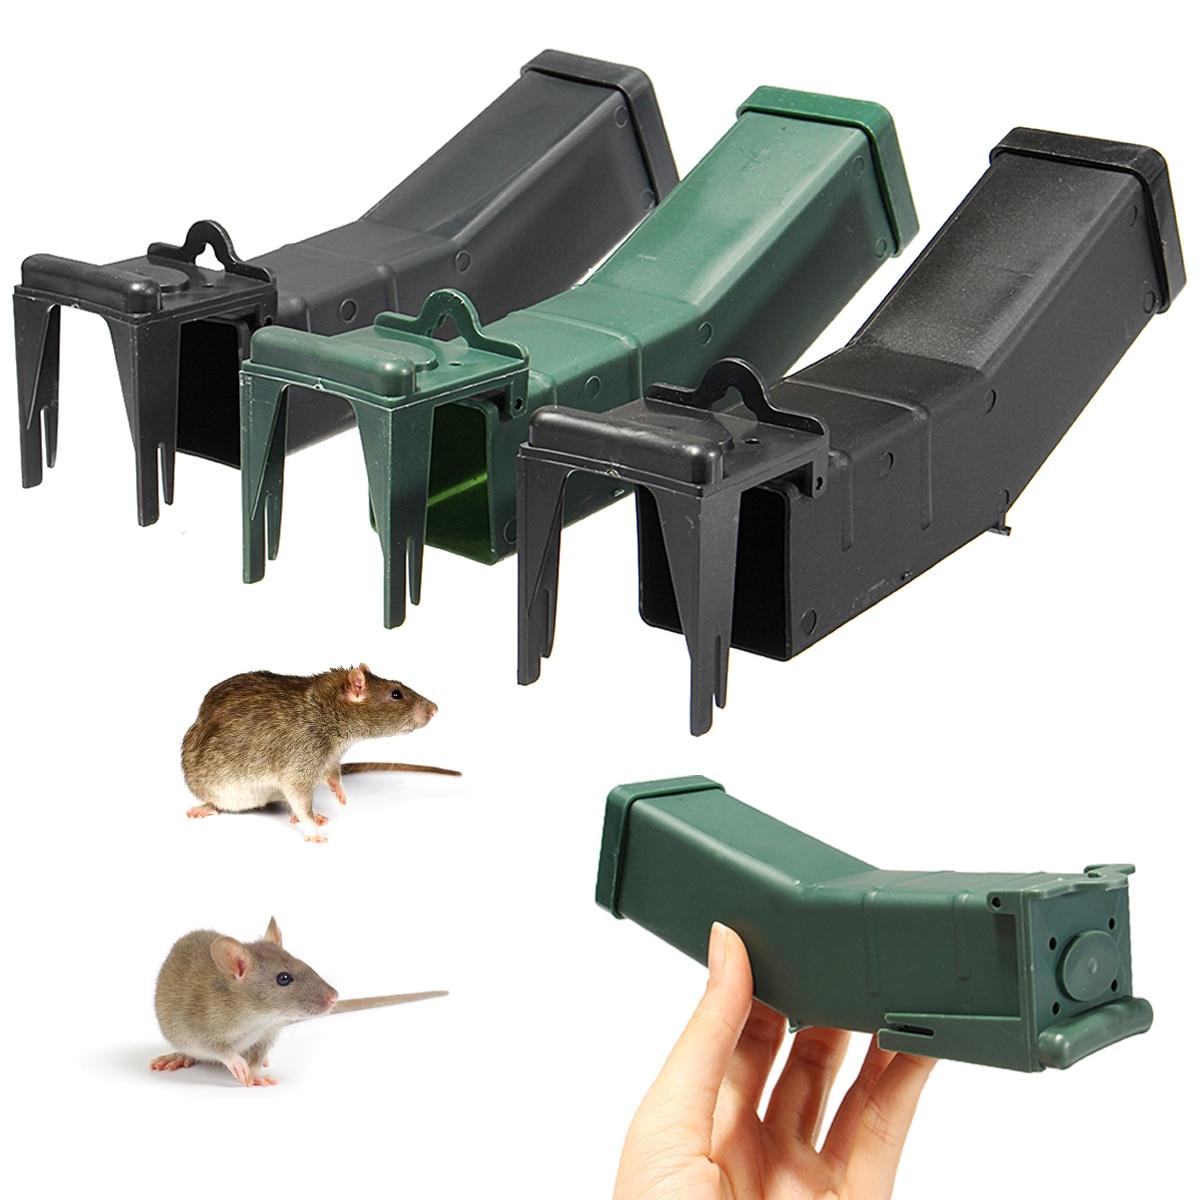 Дома крысоловку многоразовые Мышь ловушка мышеловка Поймать приманка захвата гуманным мыши грызунов хомяк клетка вредителей Управление